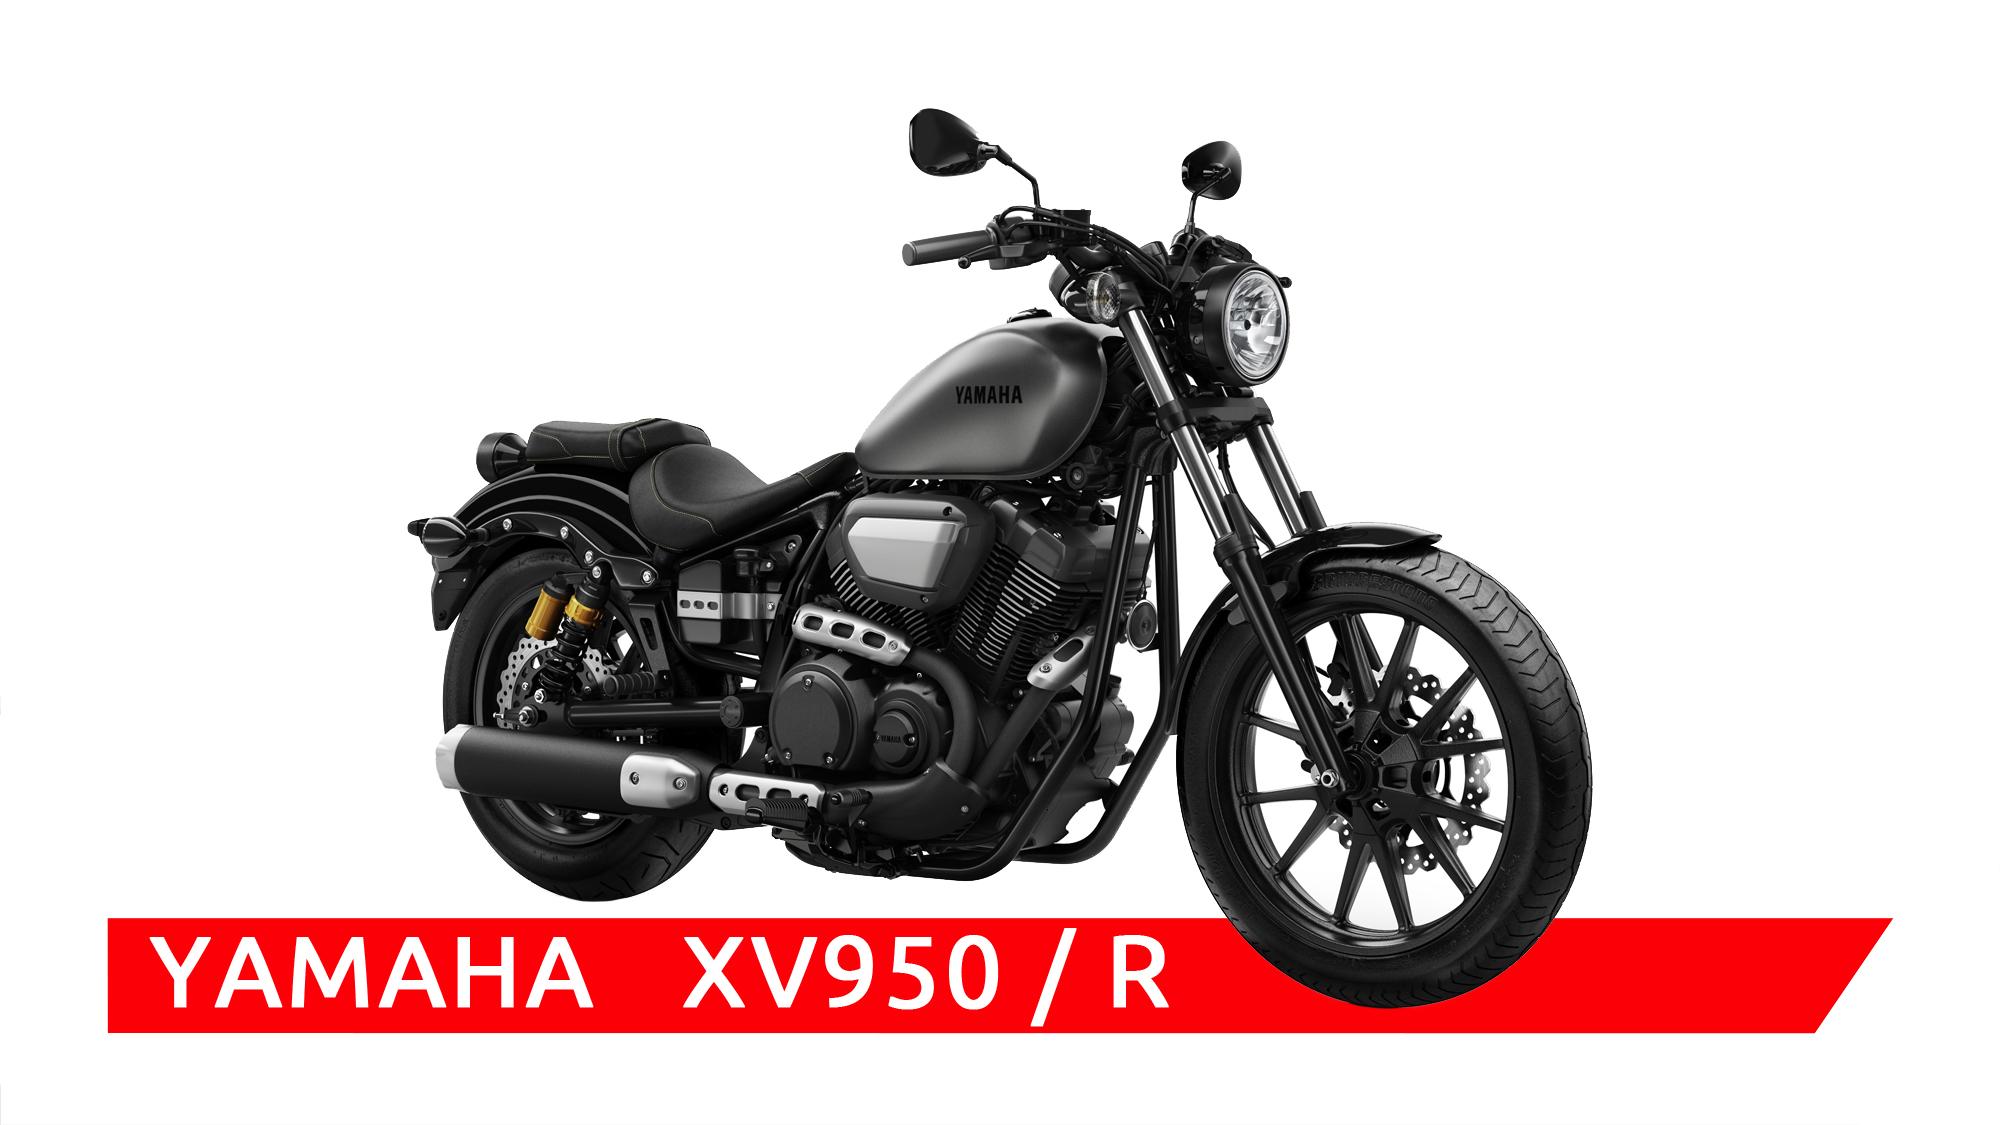 XV950 / R